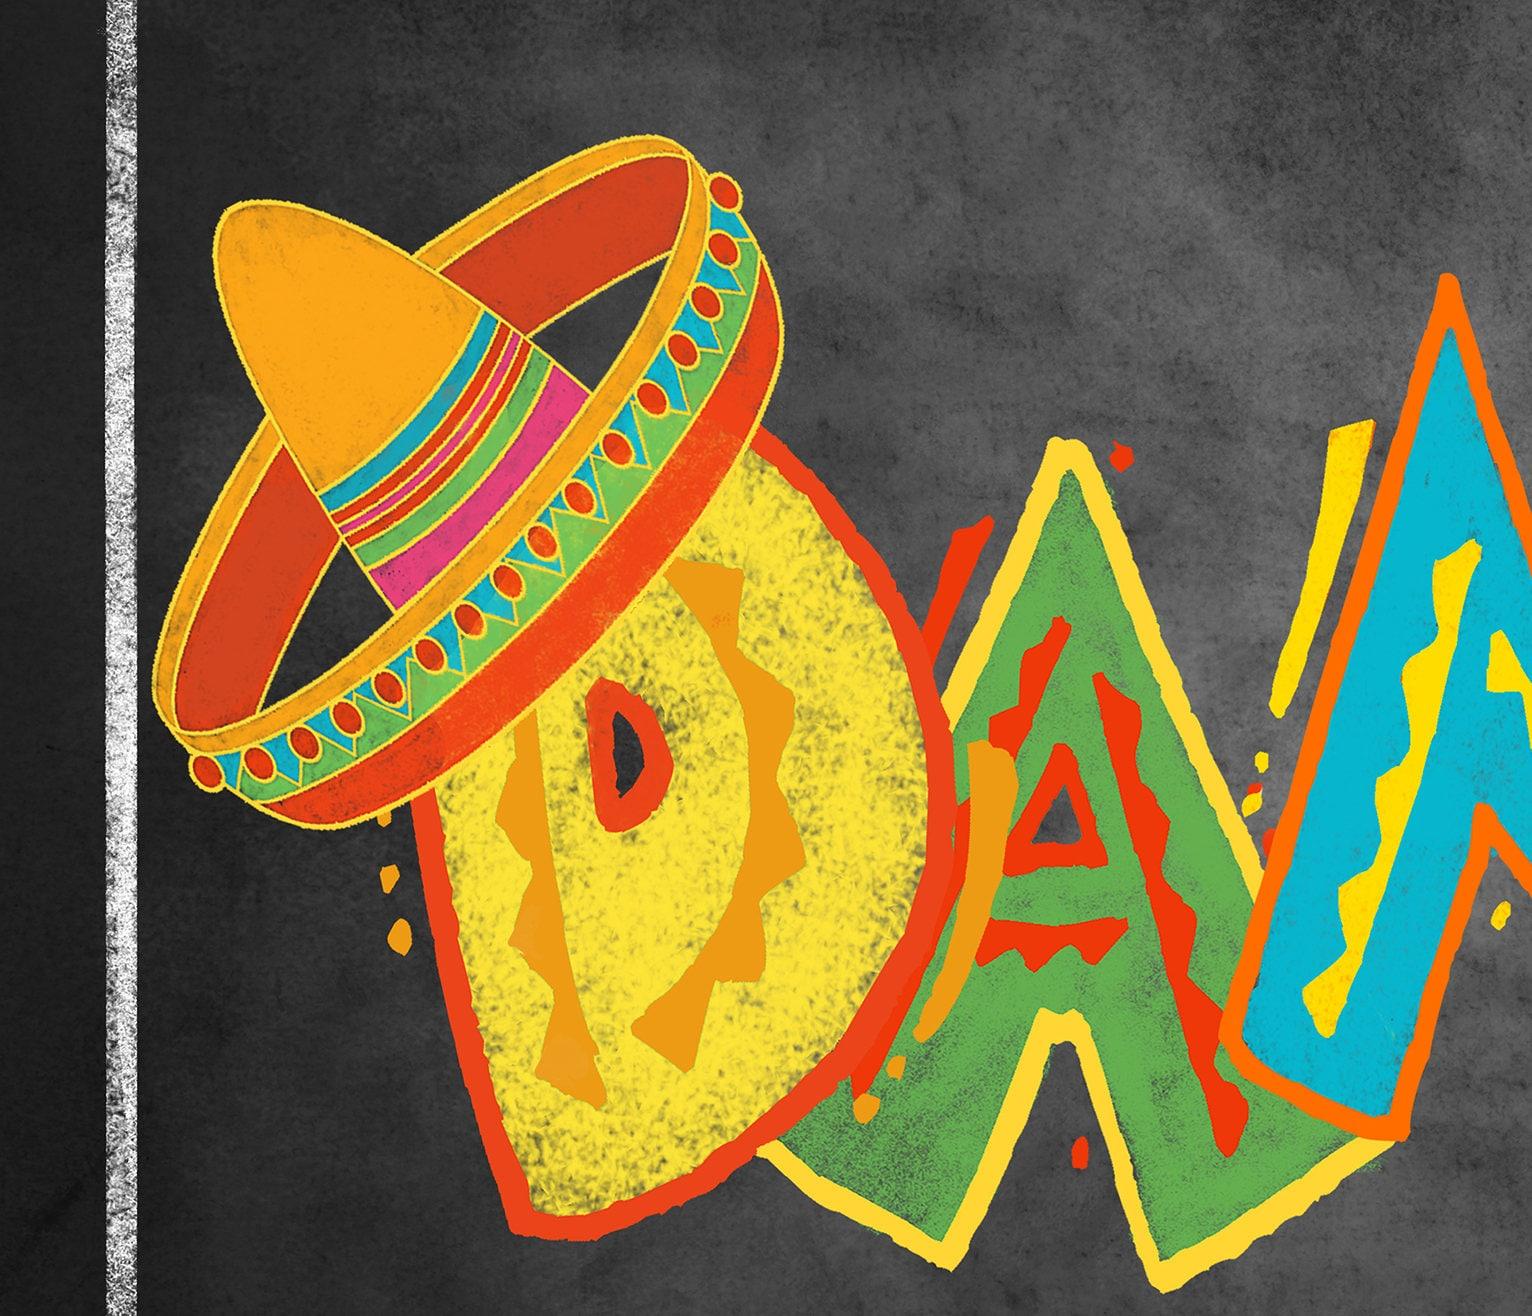 Printable Fiesta Ladies Bathroom sign  Damas bathroom sign  dressing room  sign  Mexican party bathroom sign  Cinco de Mayo party decorations. Printable Fiesta Ladies Bathroom sign  Damas bathroom sign